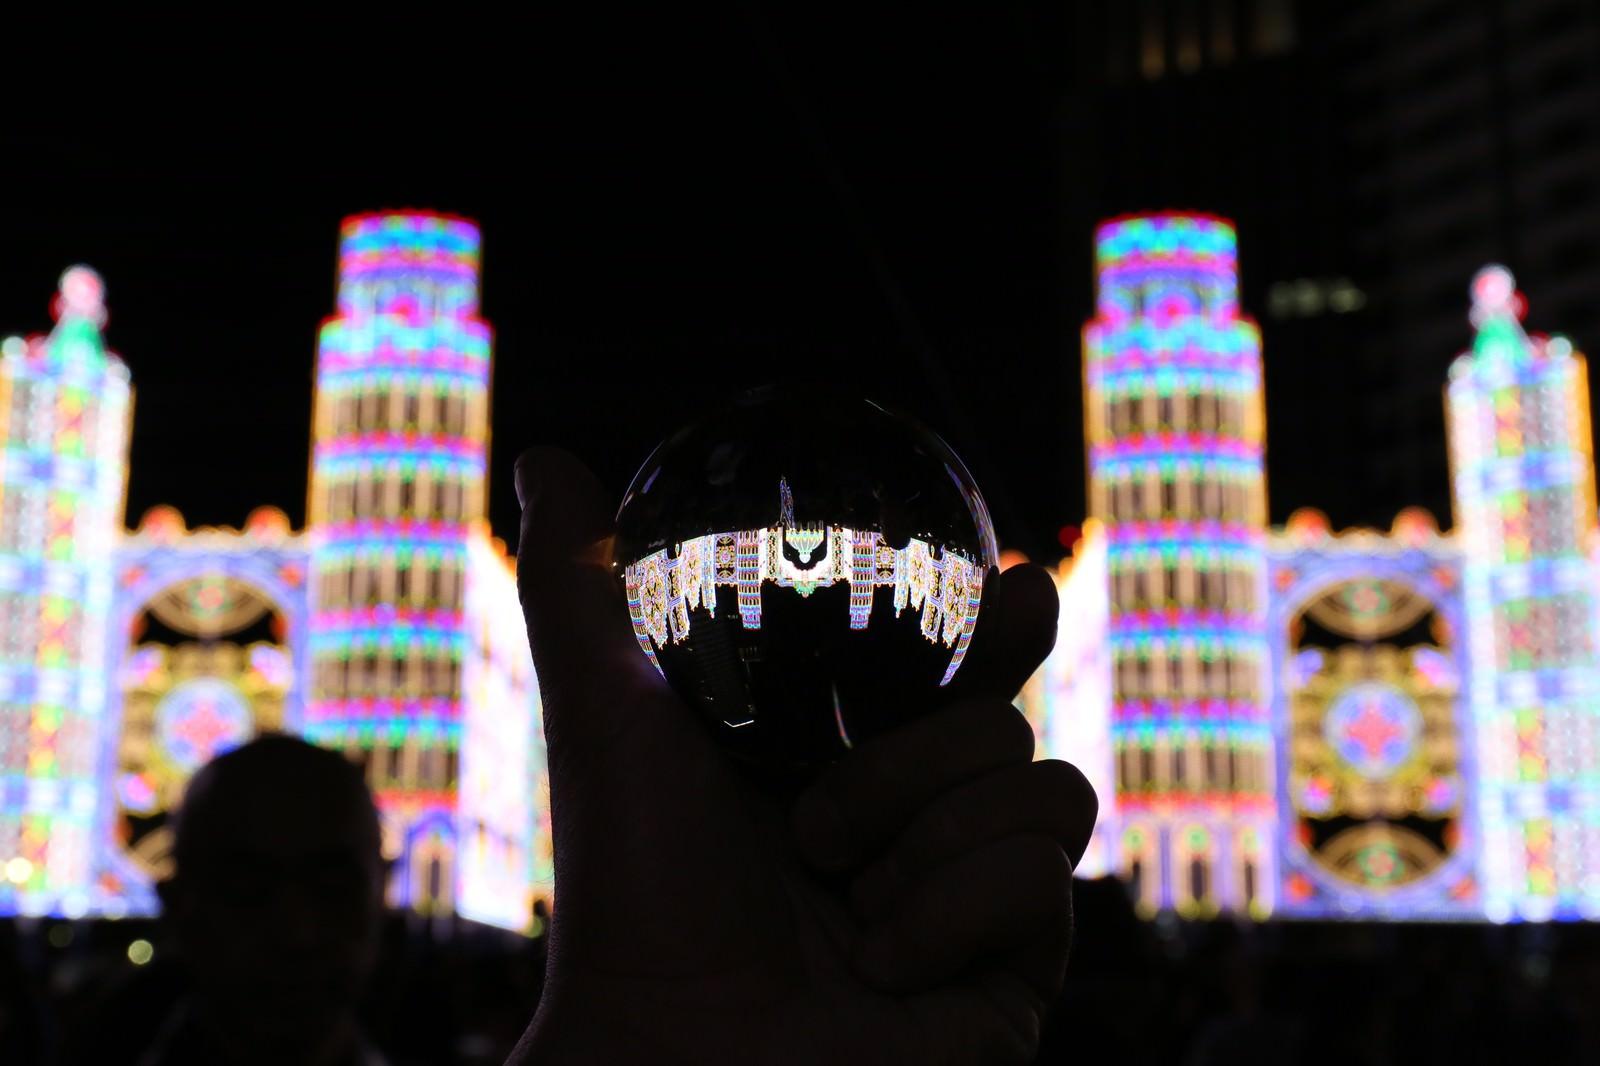 「ガラス玉越しに見る神戸ルミナリエ」の写真